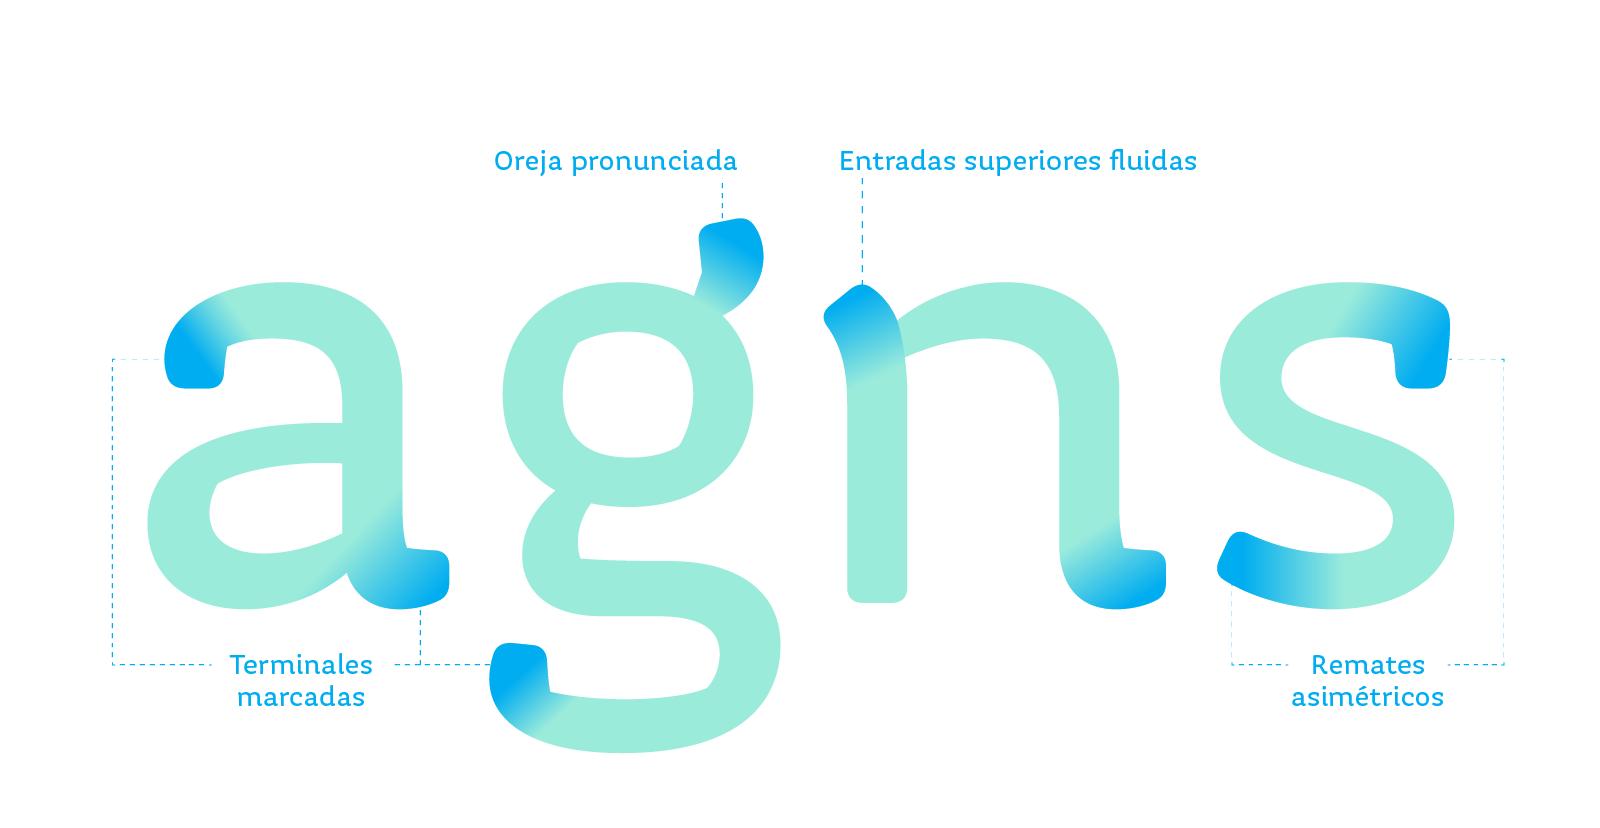 Signos minúsculos a, g, n y s en color verde aqua con indicadores que resaltan en azul las características de las terminaciones de las letras.